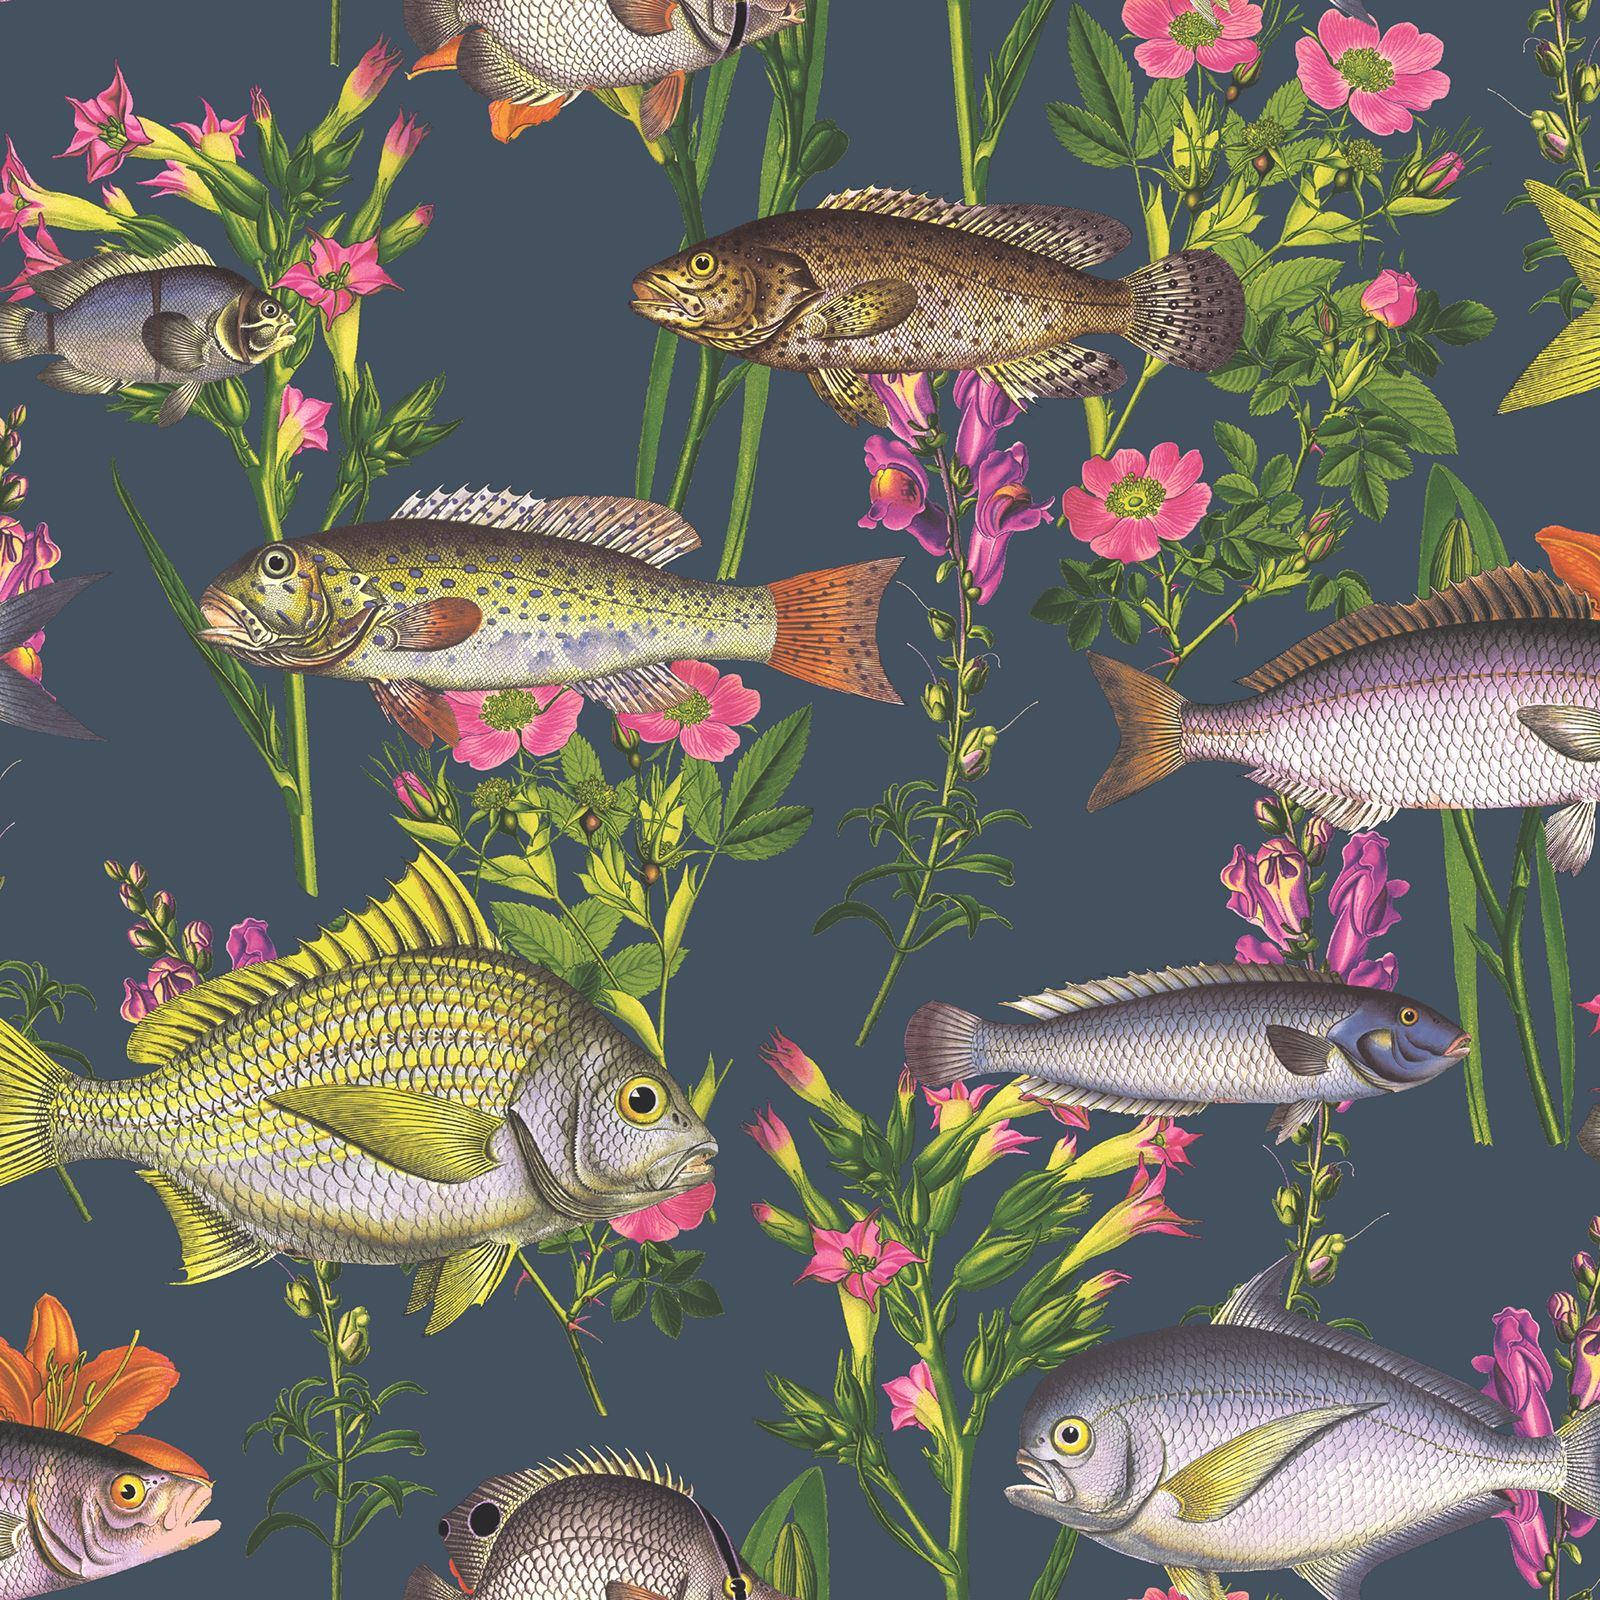 tropical animaux papier peint color l murien poisson. Black Bedroom Furniture Sets. Home Design Ideas